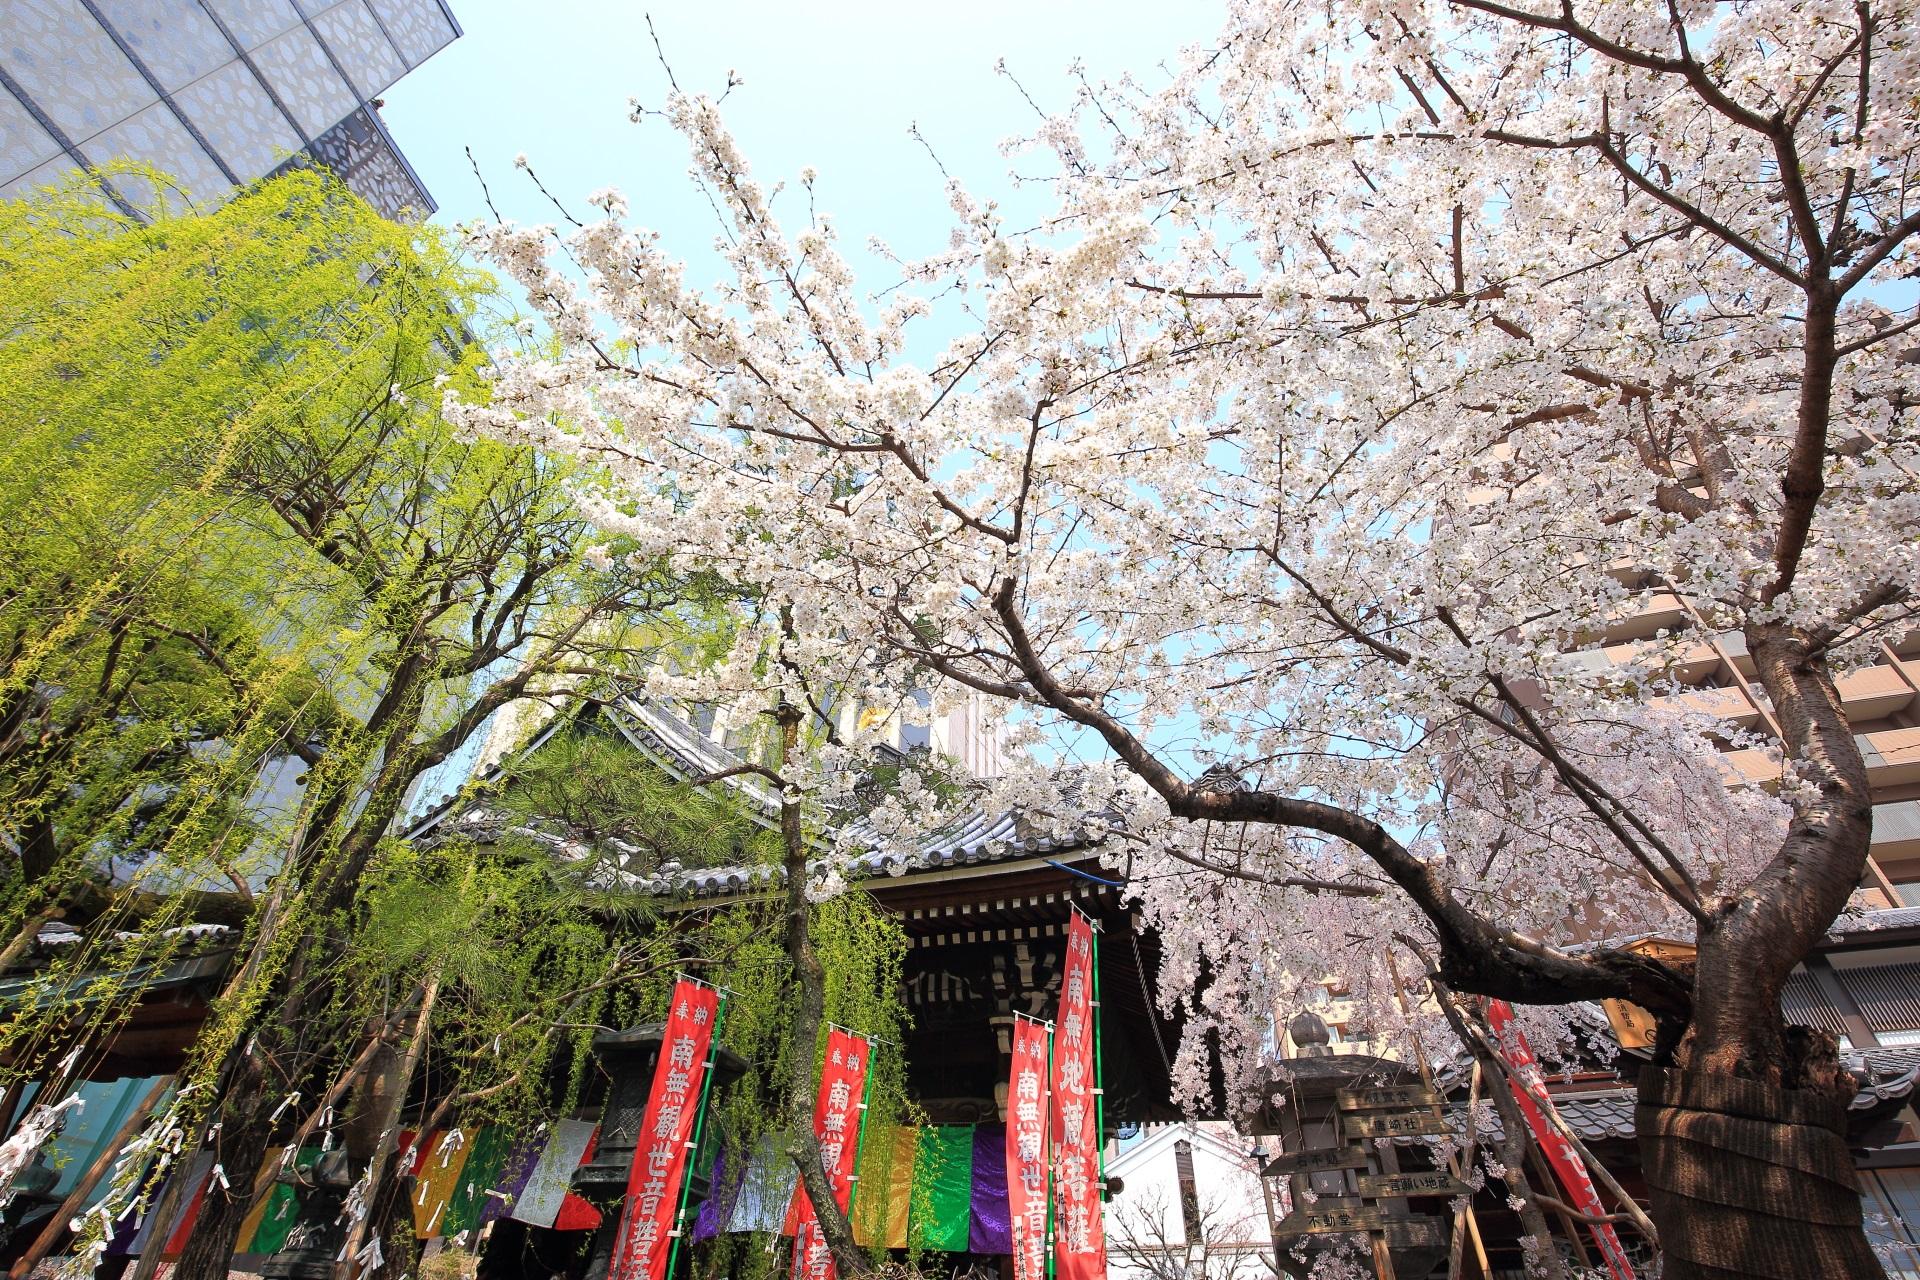 六角堂の素晴らしい桜と柳や春の情景